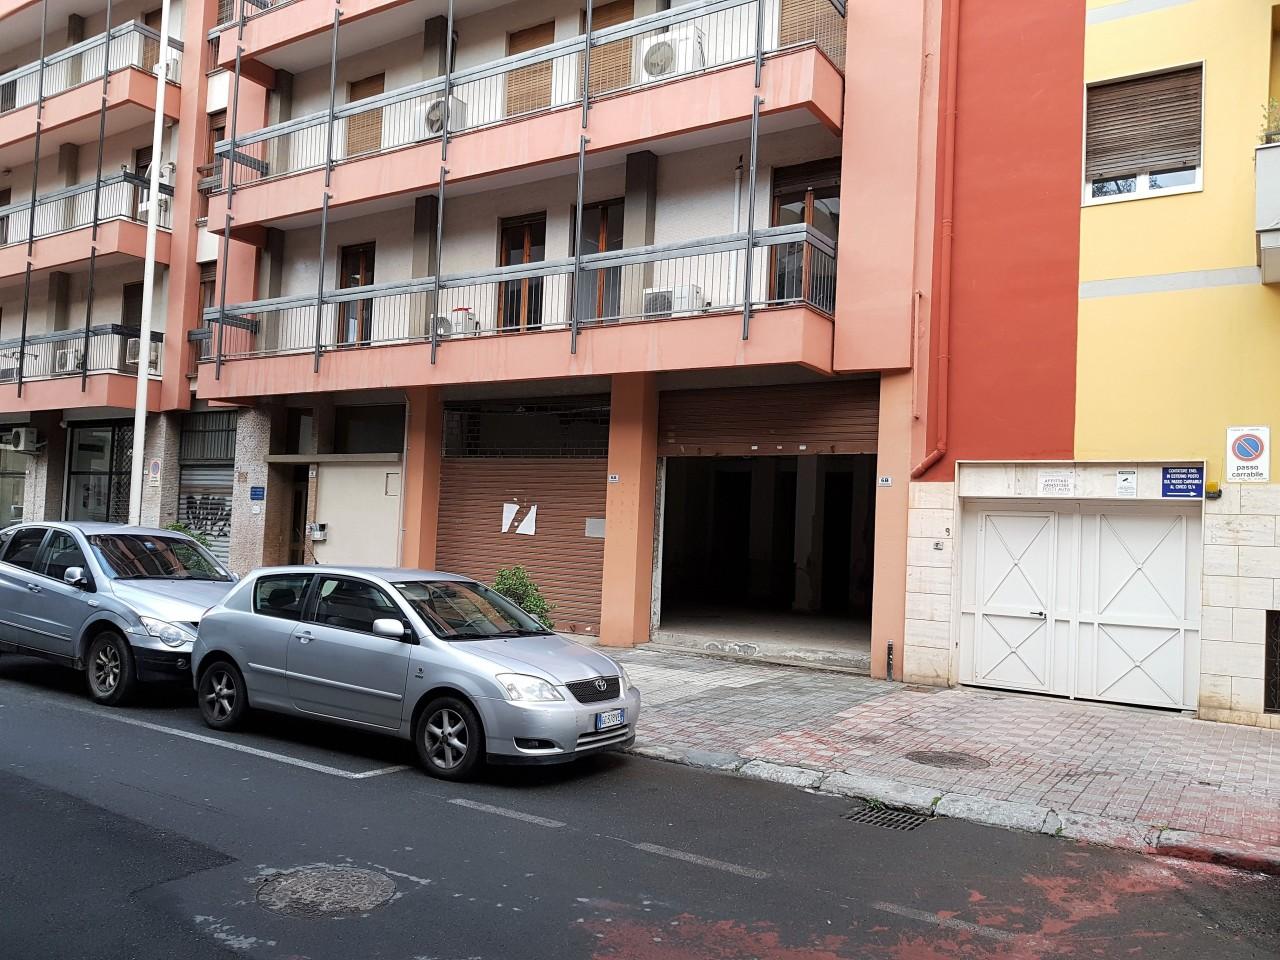 Locale commerciale a Cagliari Rif. 4146500